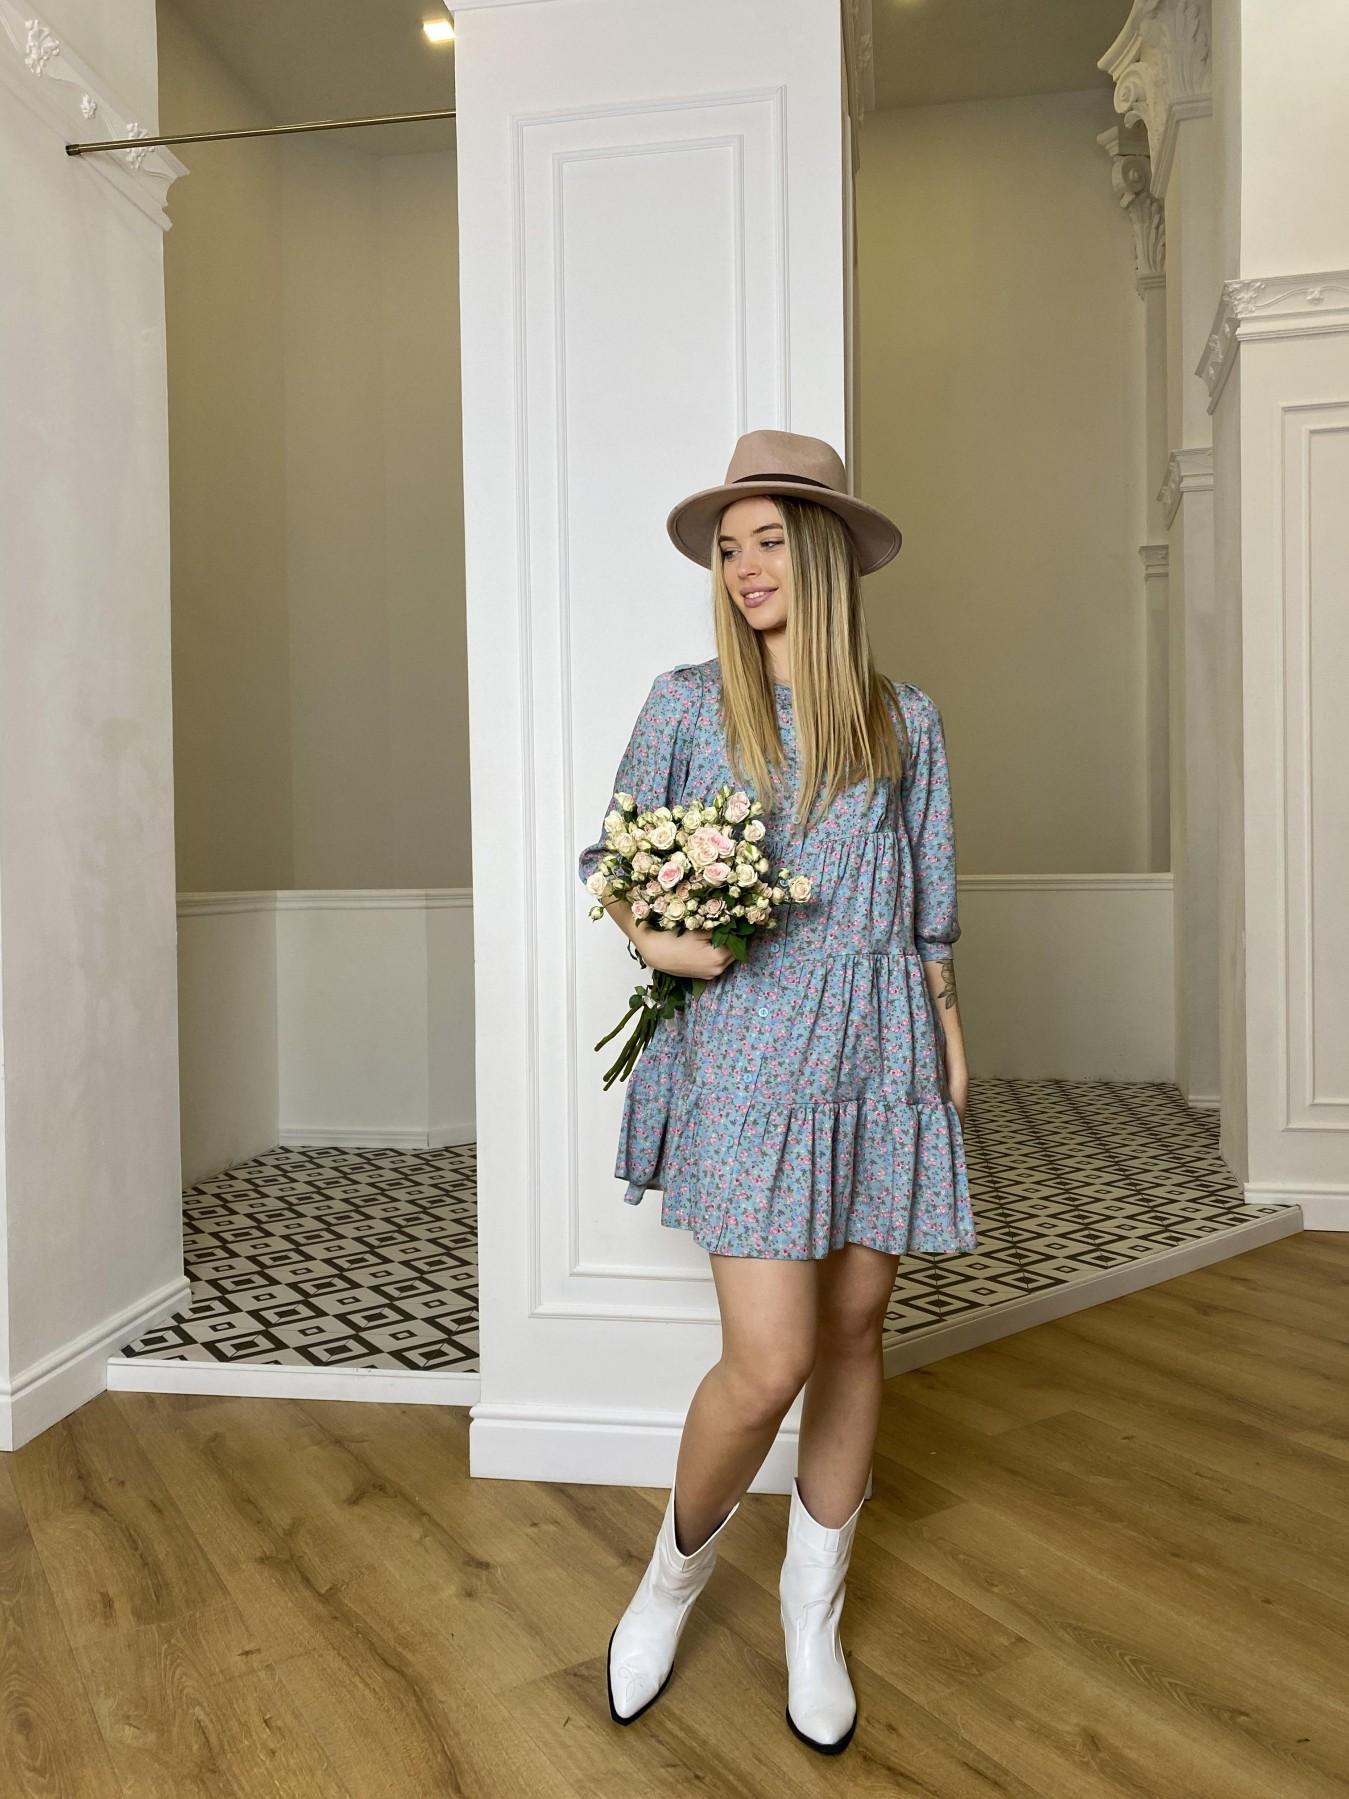 Берри штапель принт платье 10872 АРТ. 47327 Цвет: Цветы мел олива/роз/гол - фото 2, интернет магазин tm-modus.ru